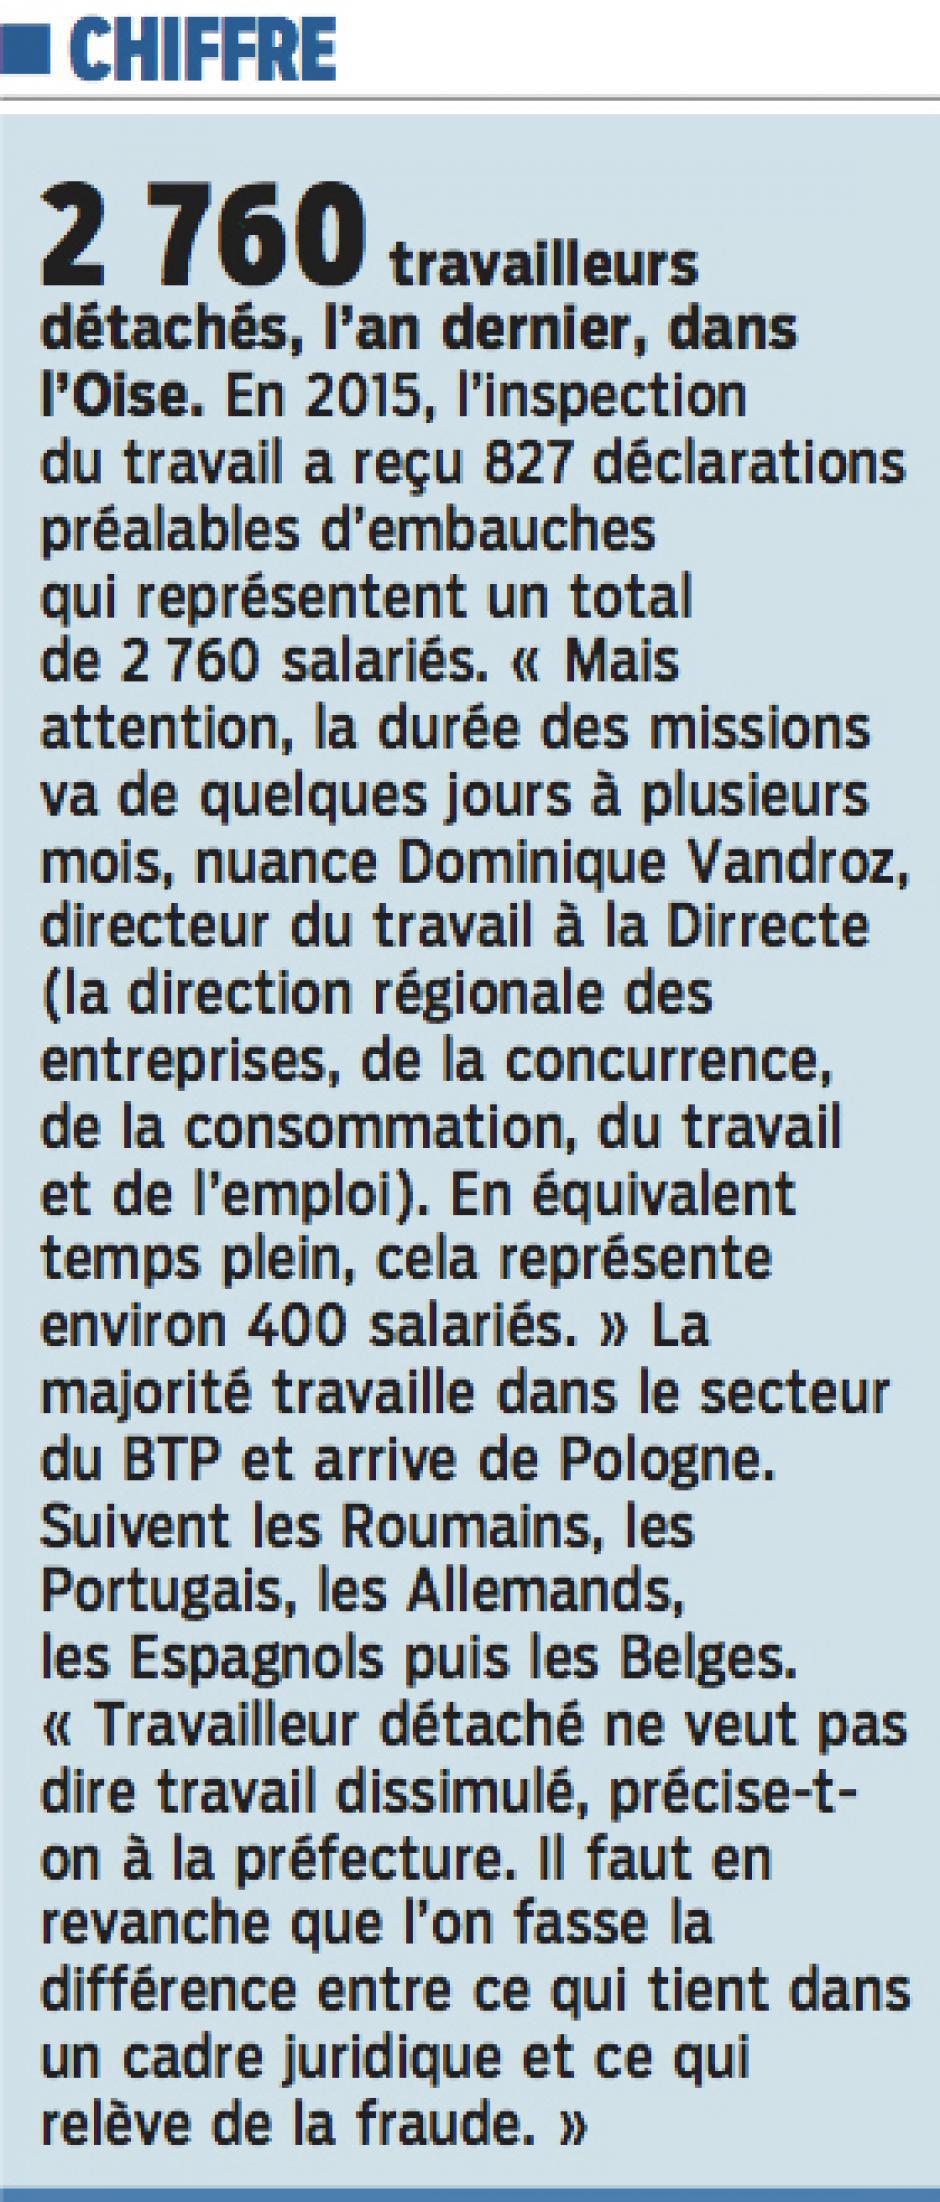 20160328-LeP-Oise-2 760 travailleurs détachés, en 2015, dans le département